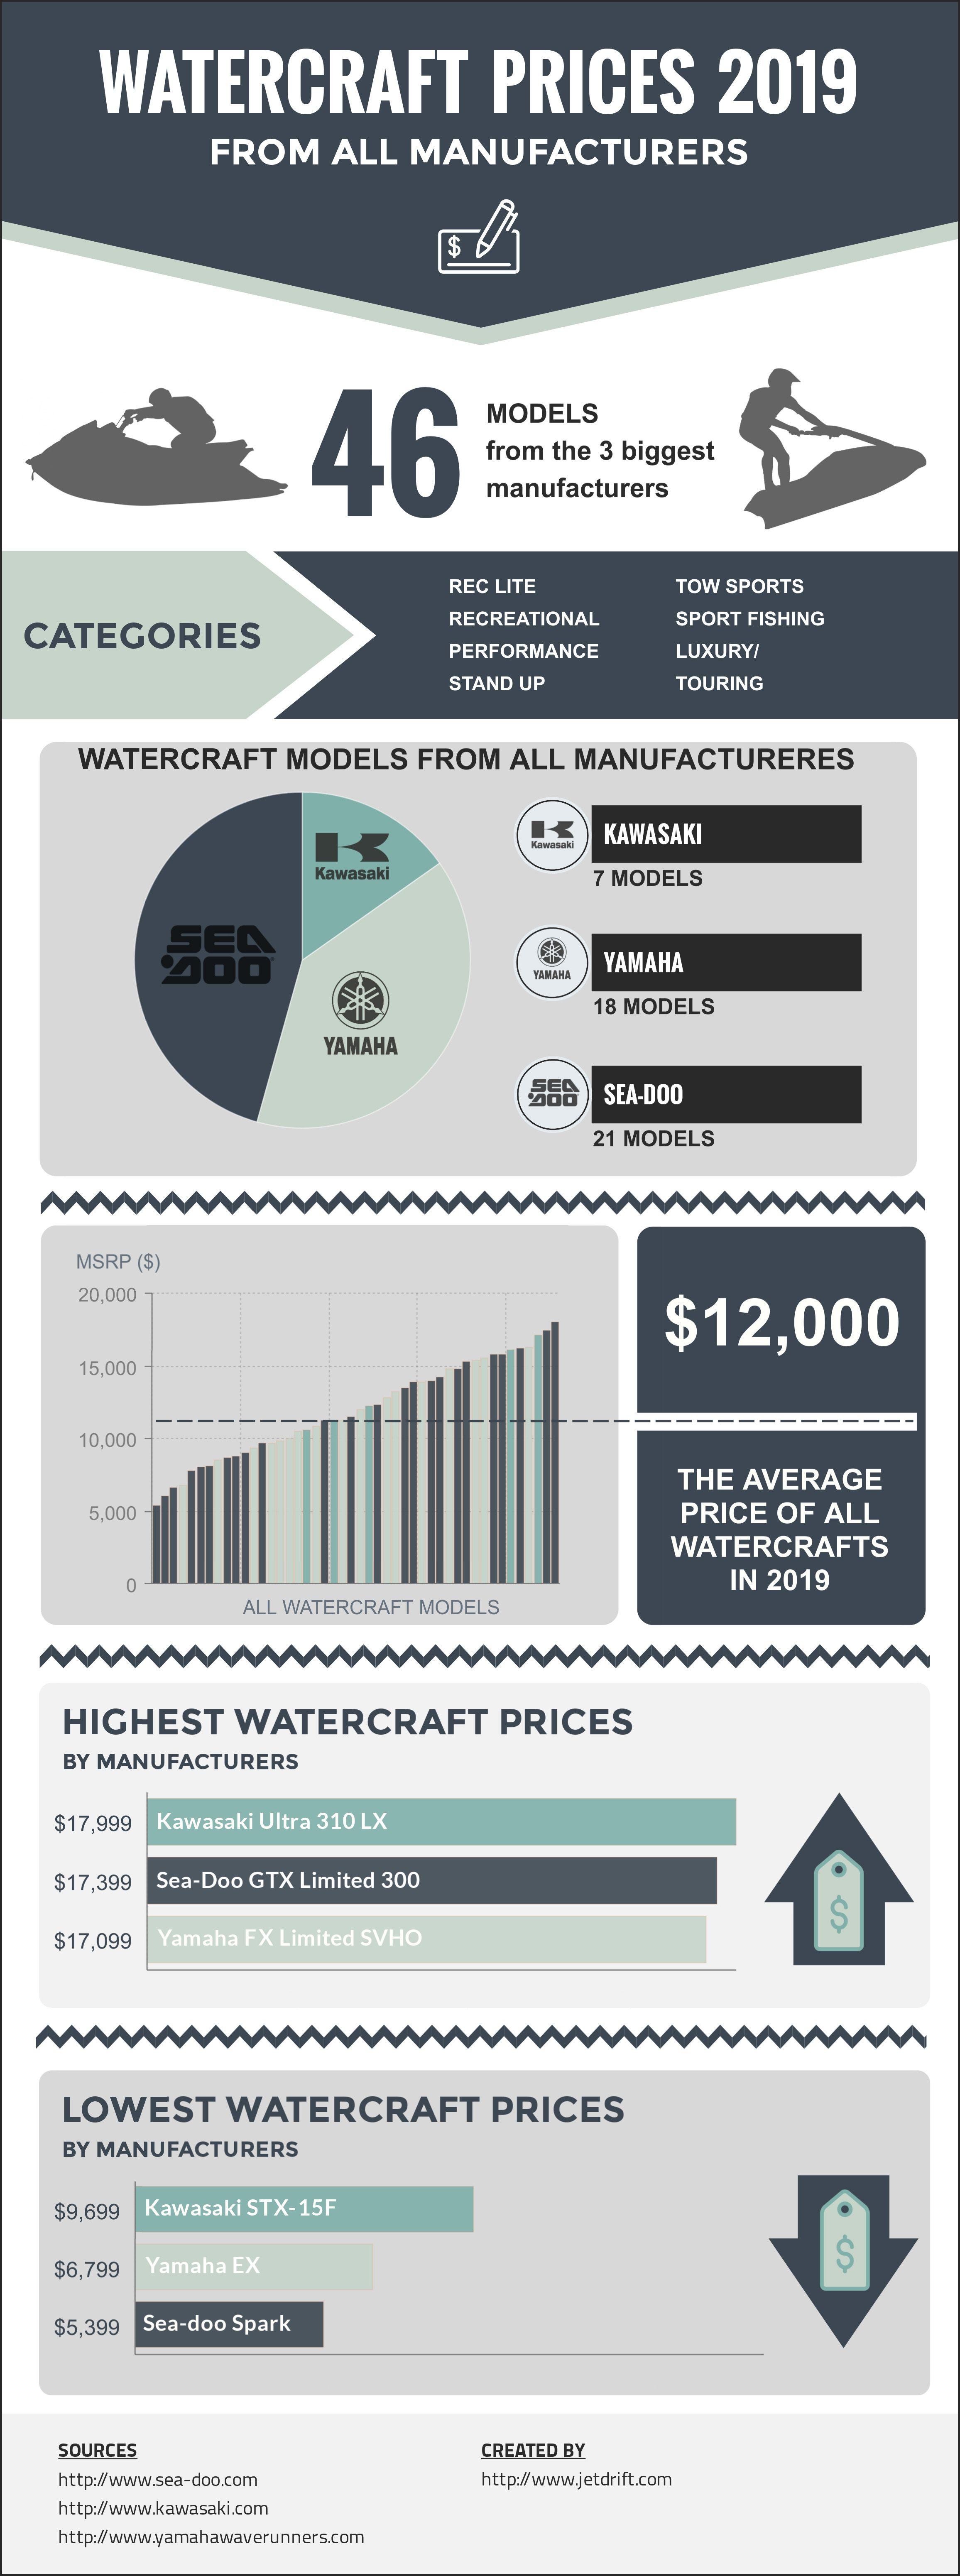 2019 Jet Ski Prices - 51 jet ski models and prices ...